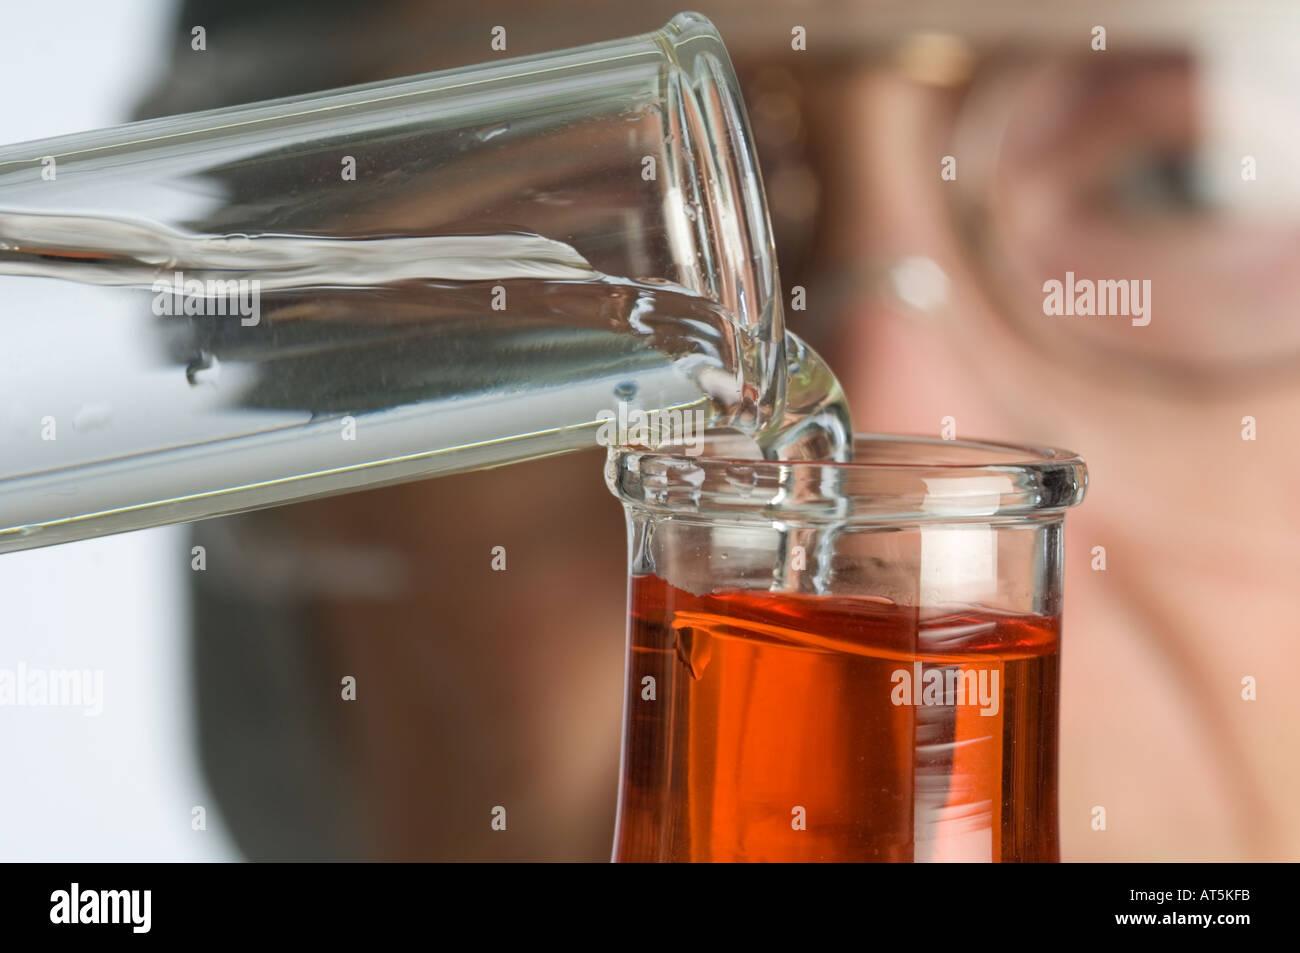 Detailansicht der Krankenschwester strömenden Flüssigkeit aus dem Reagenzglas in Erlenmeyerkolben Stockbild